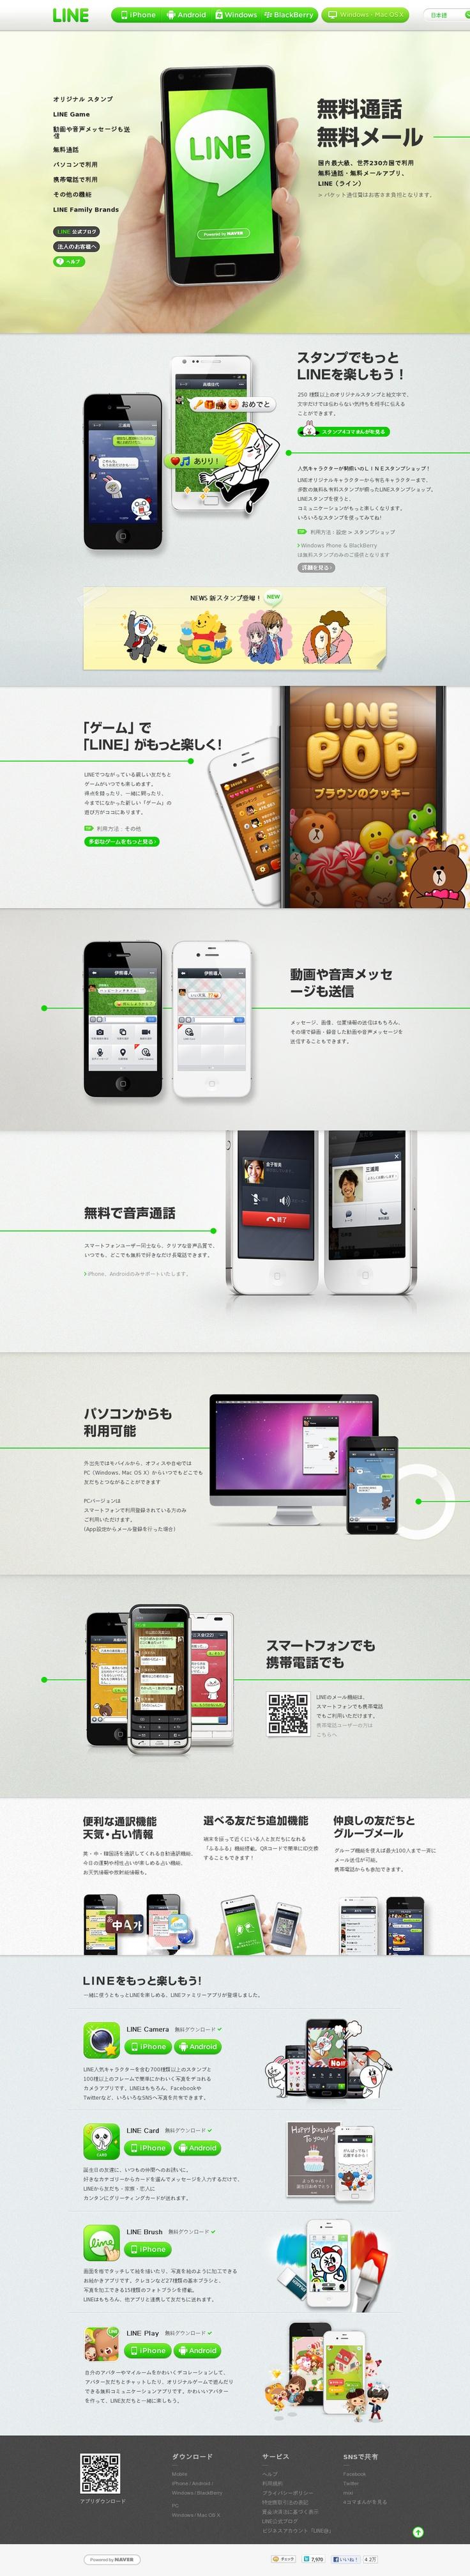 Elements for Design!